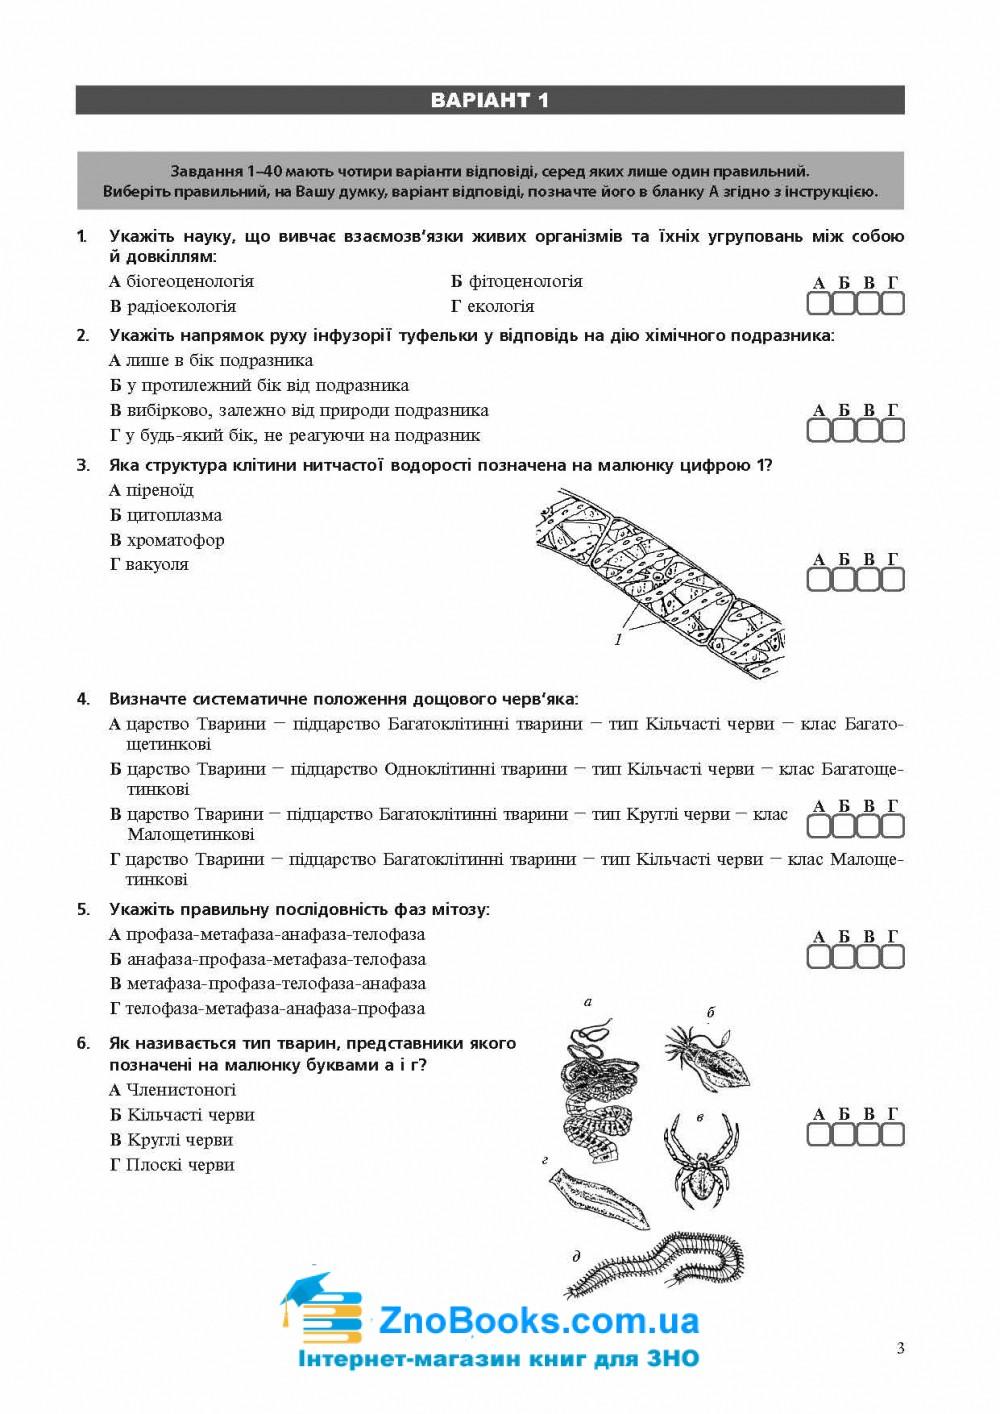 ЗНО 2021 Біологія. Тестові завдання. Олійник І. Навчальна книга - Богдан. купити 3